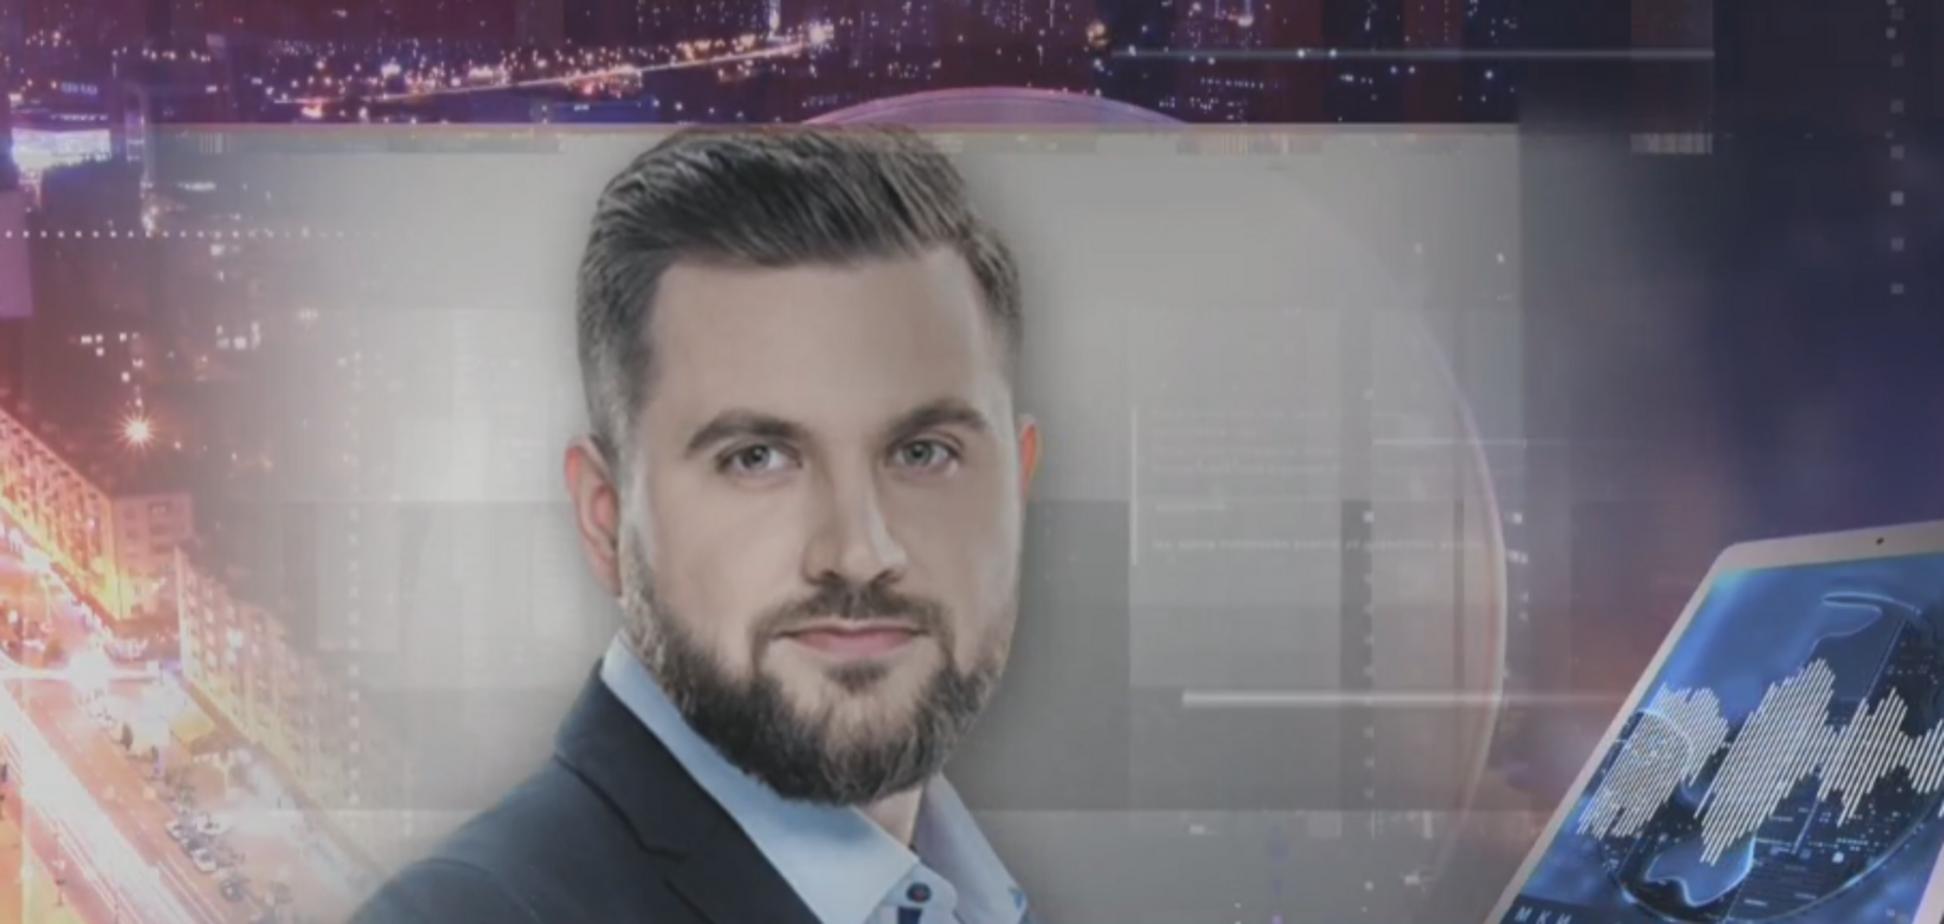 Возмещение убытков за взрывы в Ичне: юрист объяснил противоречия позиций сторон